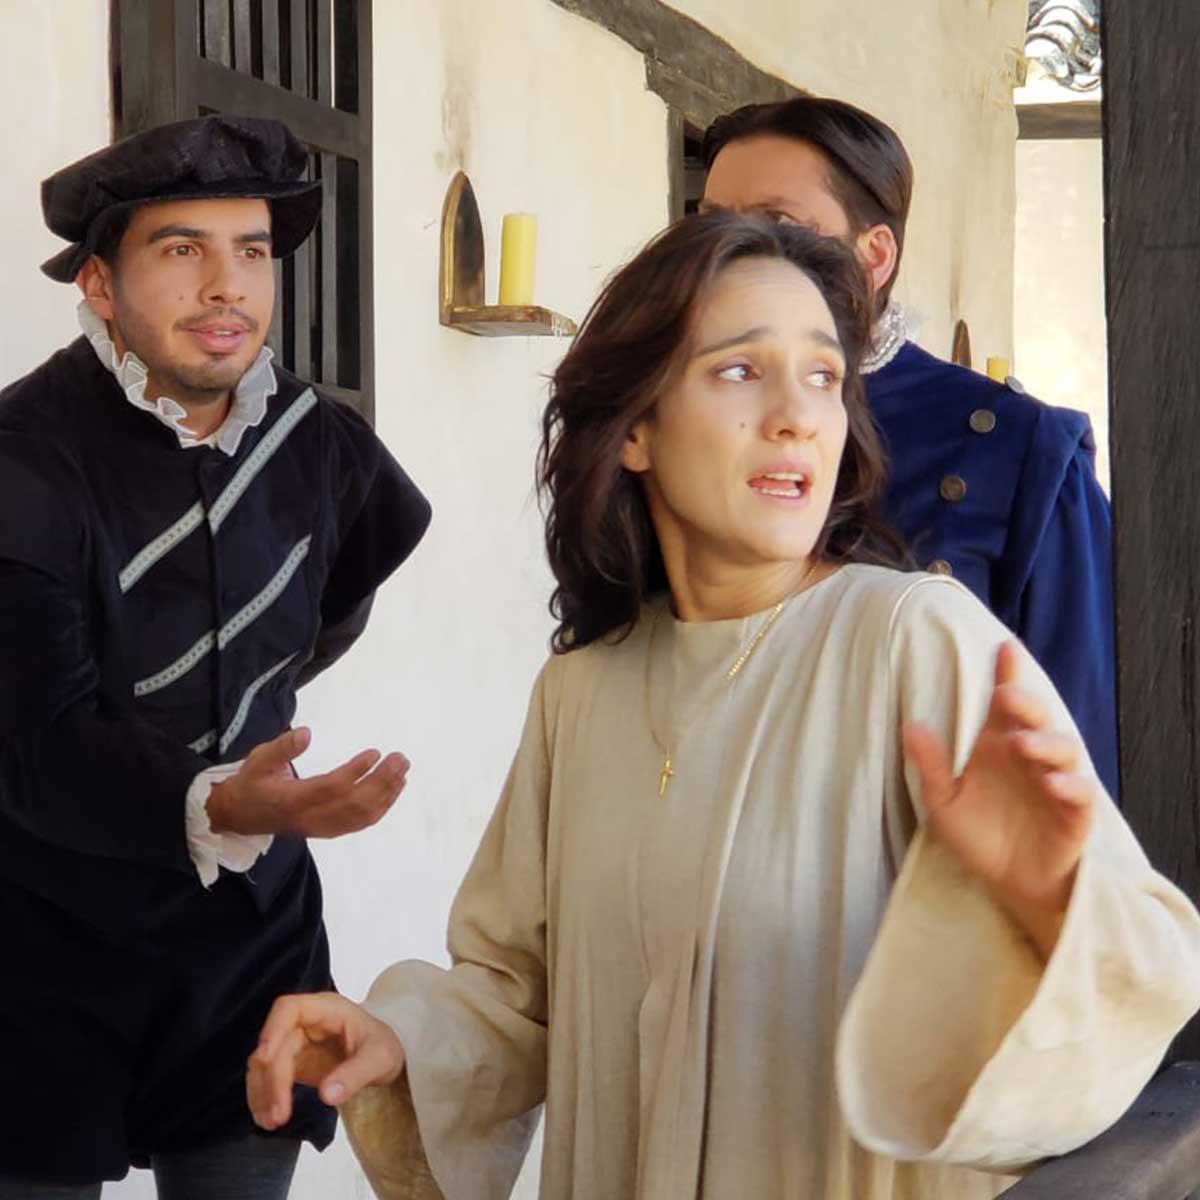 mujer junto a dos hombres de época del siglo XVII colonial